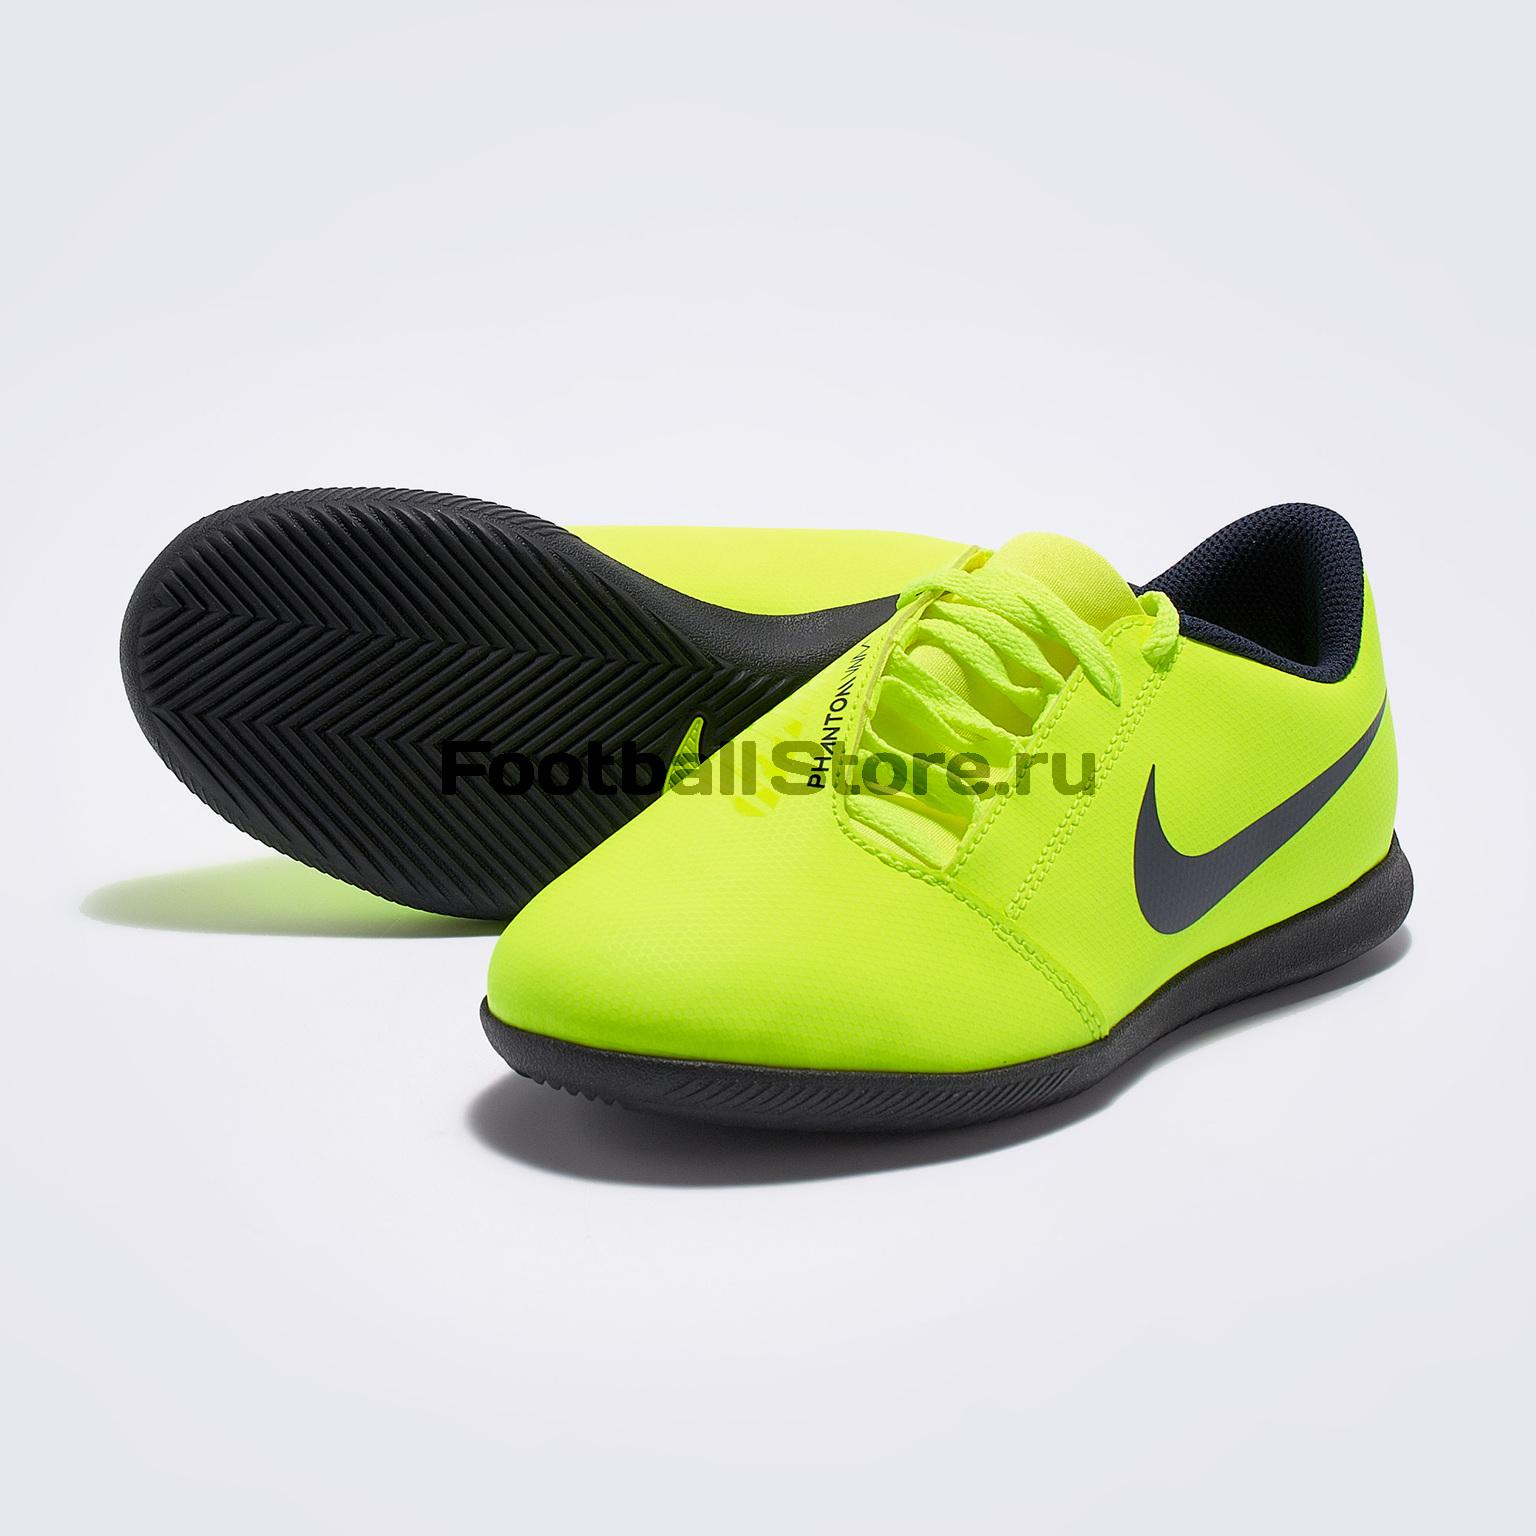 Футзалки детские Nike Phantom Venom Club IC AO0399-717